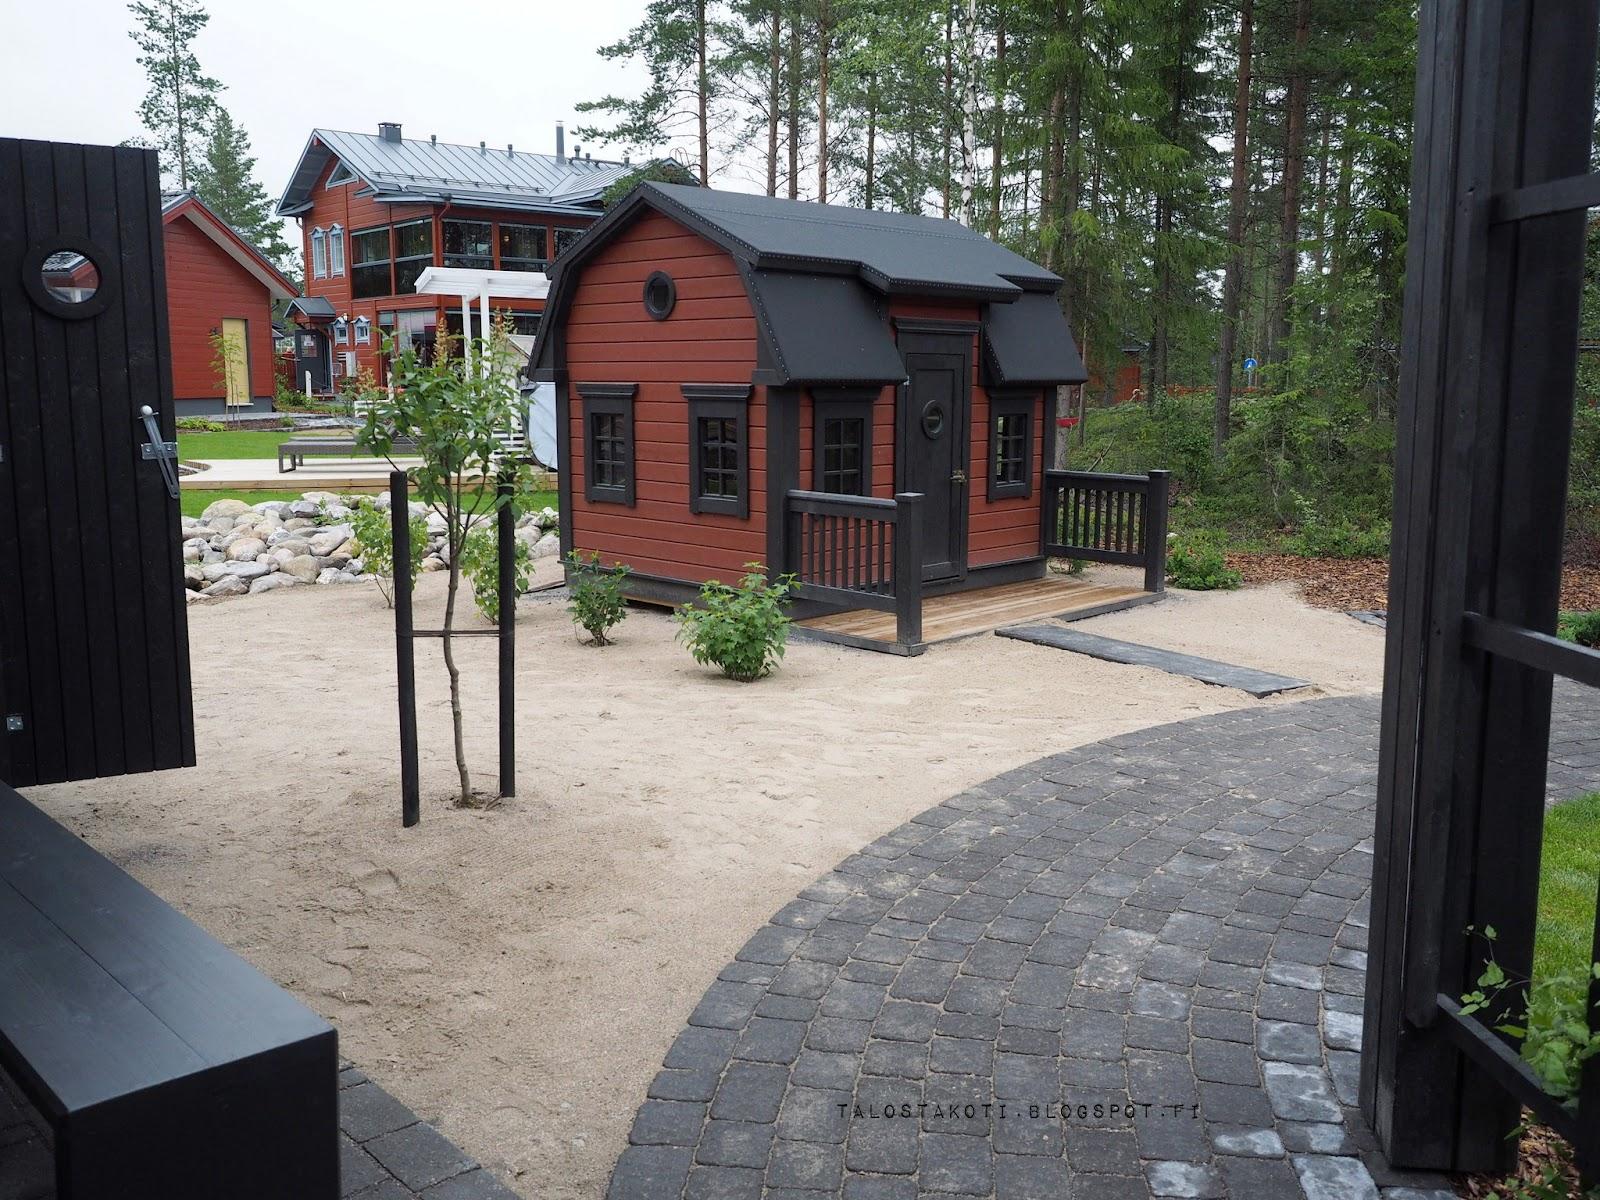 Asuntomessut 2016 Kannustalo Pohjanmaa piha